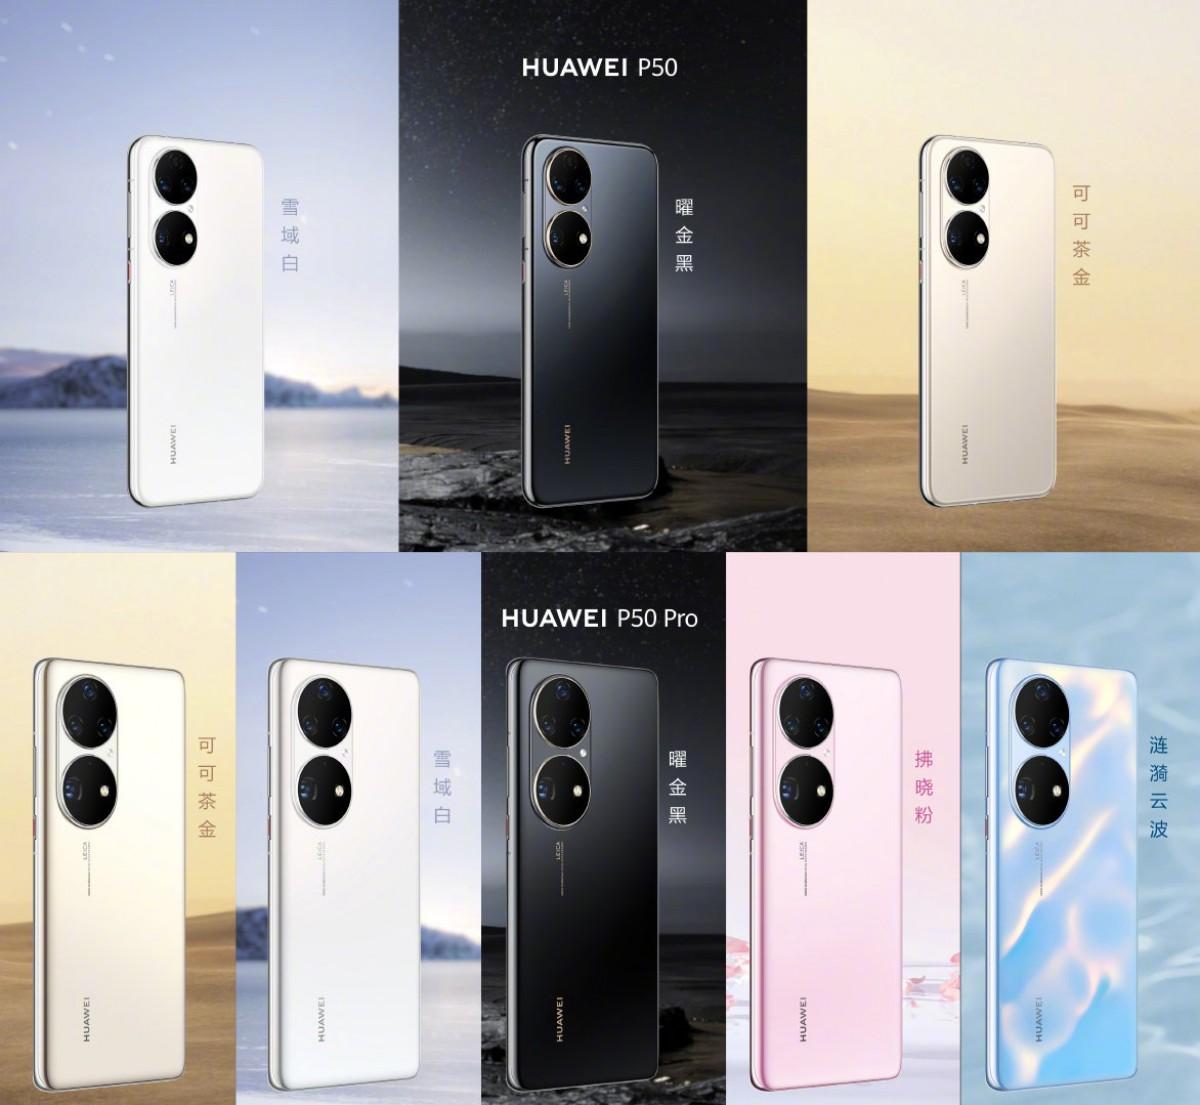 Huawei представила смартфоны P50 и P50 Pro с камерами от Leica и Snapdragon 888